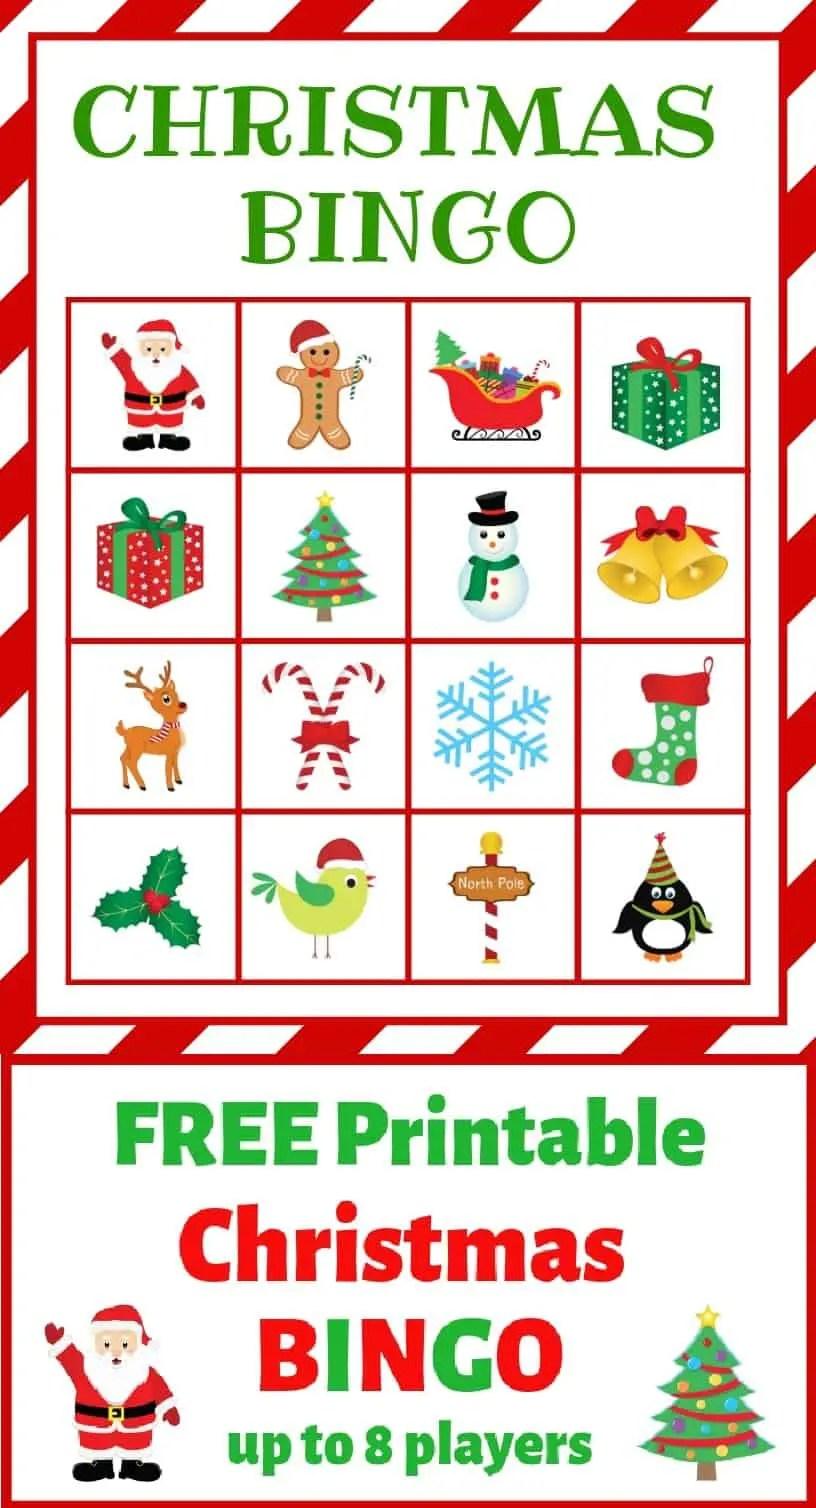 Free Printable Christmas BINGO